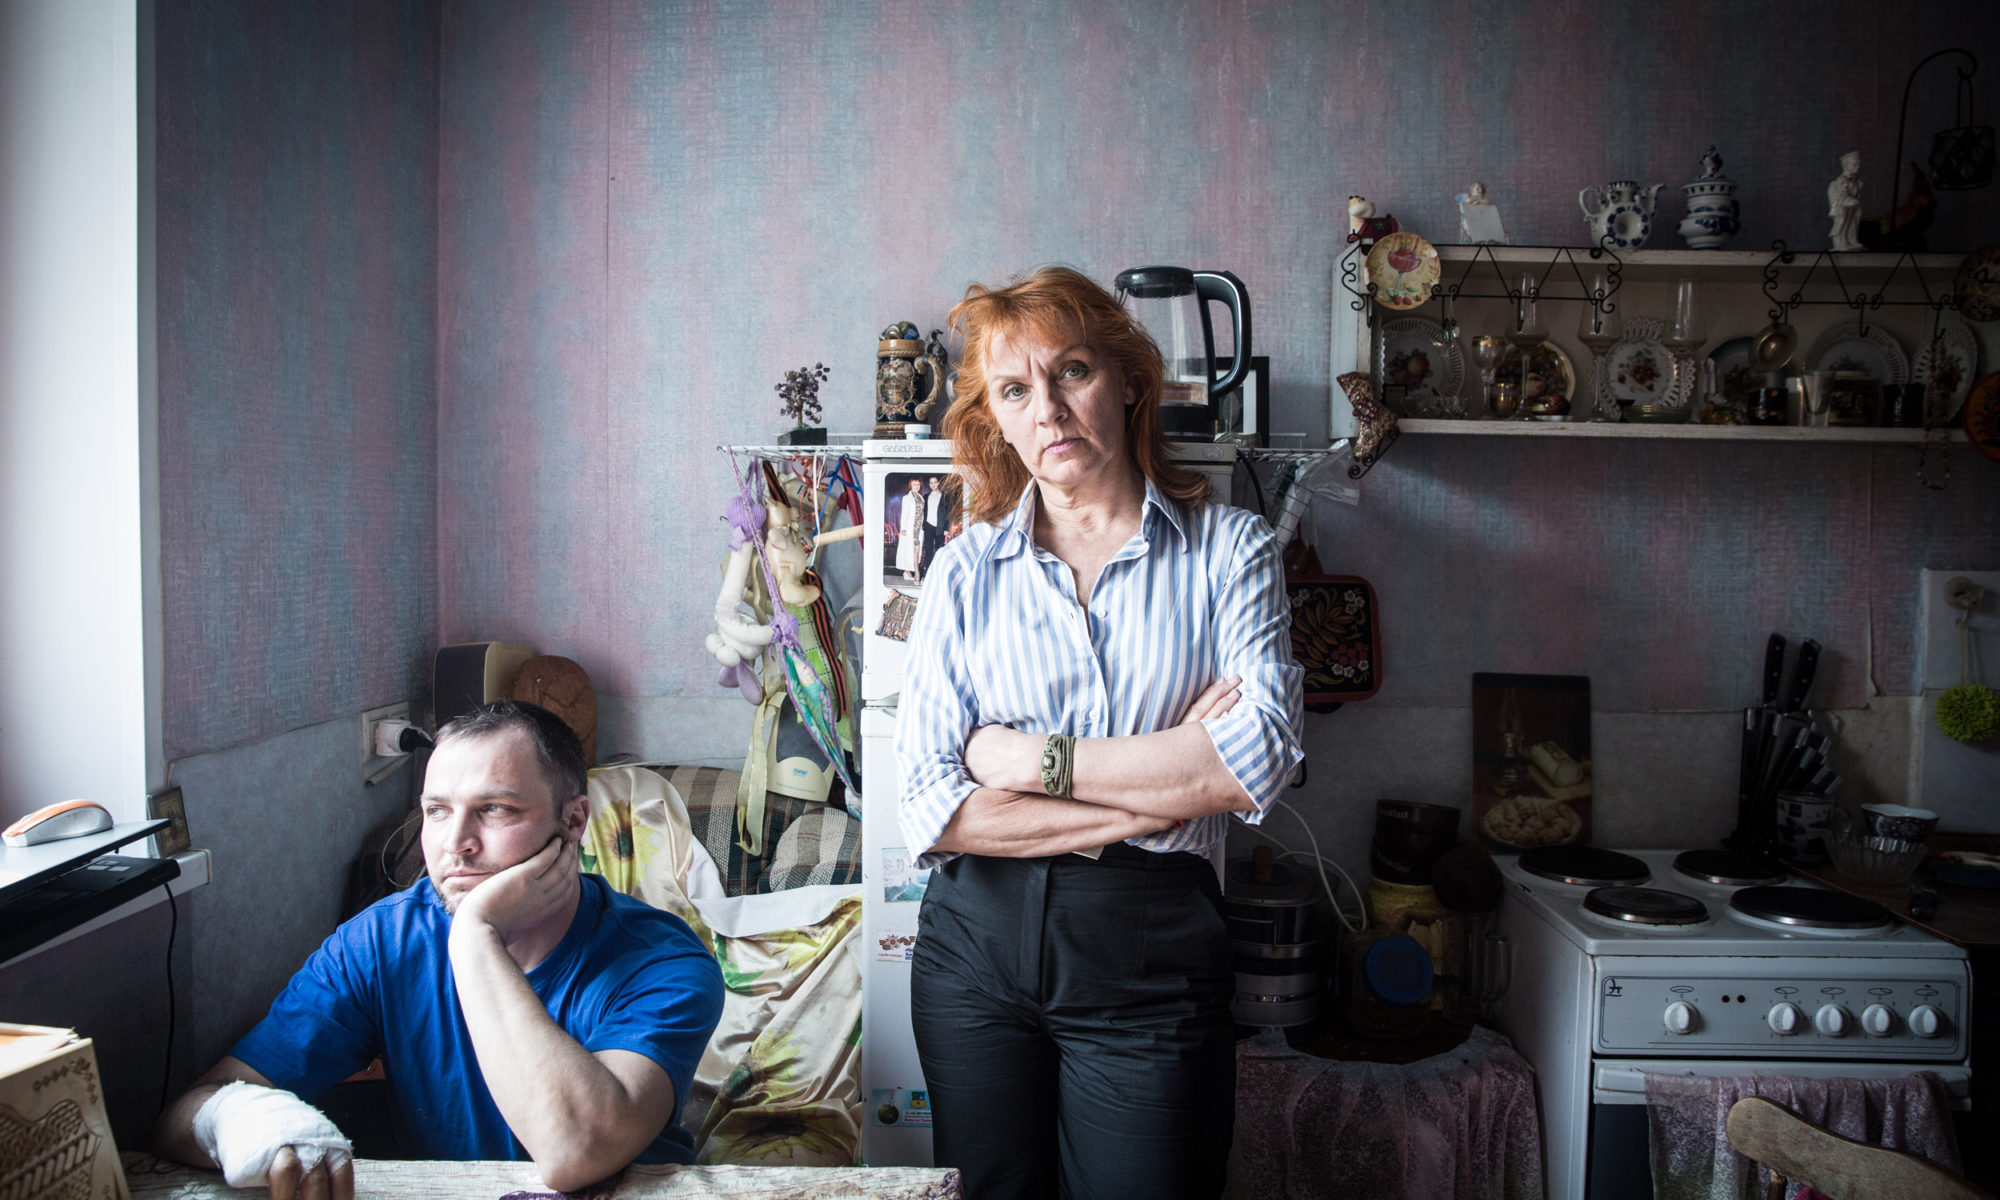 Fot. Anna Bedyńska